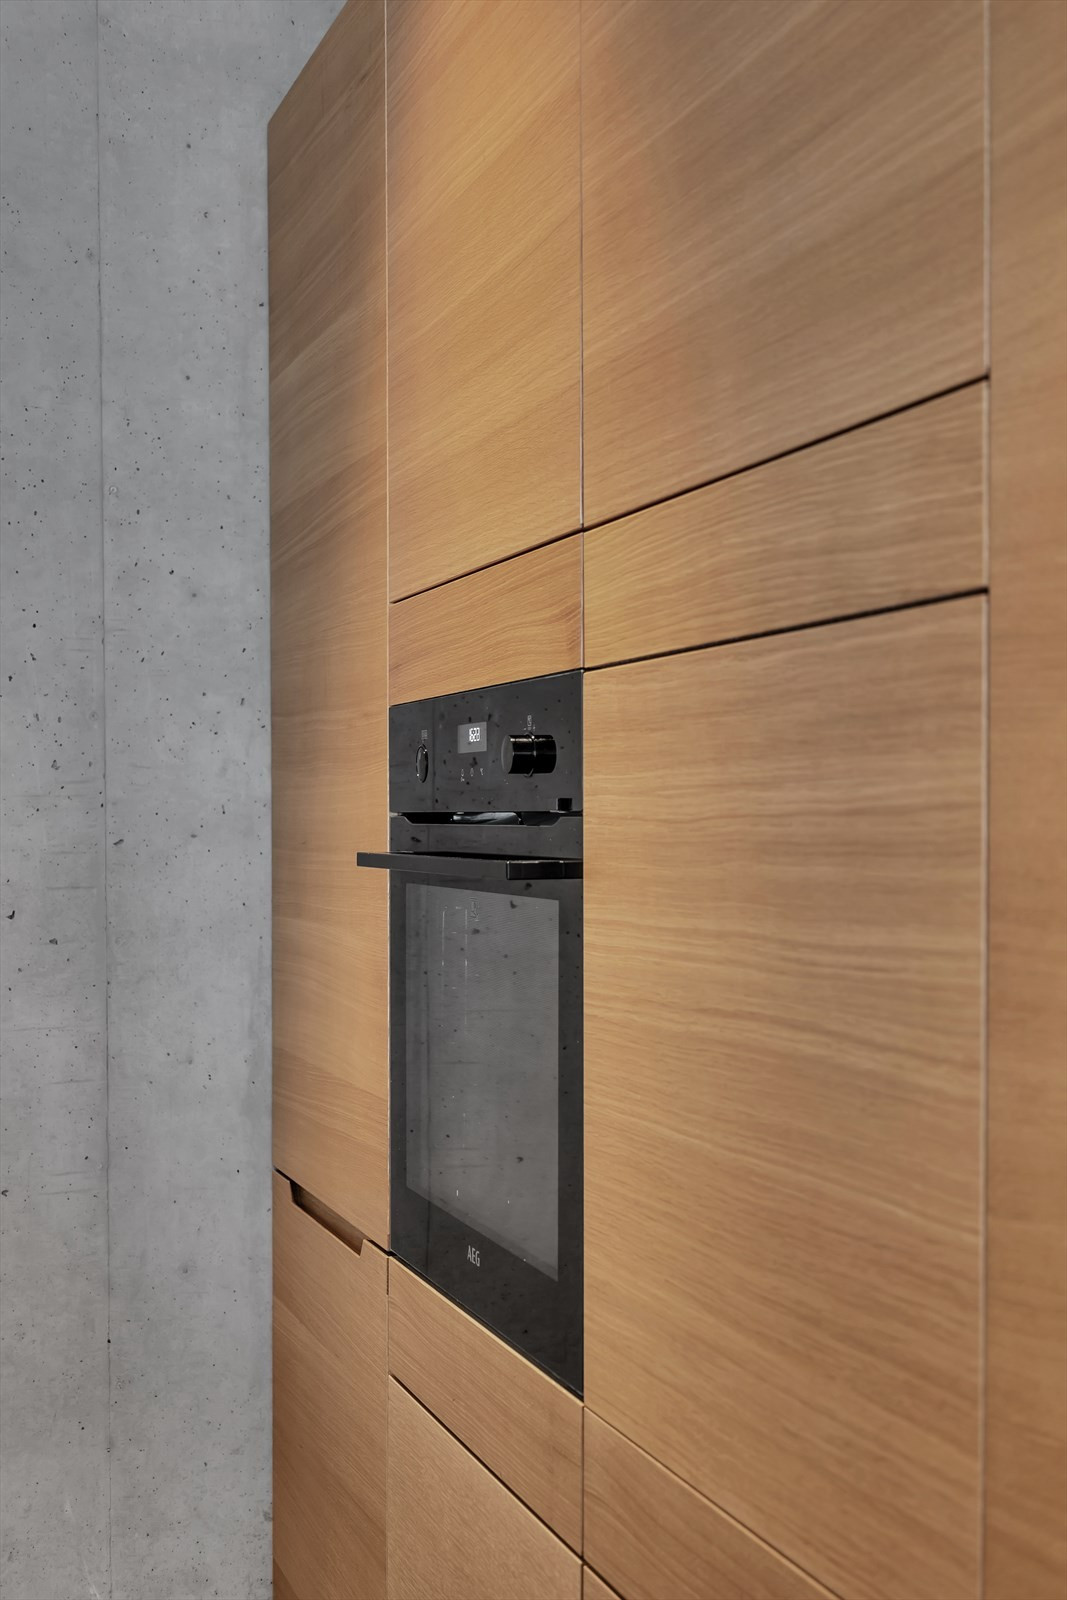 Integrert ovn, kjøleskap og fryseskap i en hel vegg med innredning.